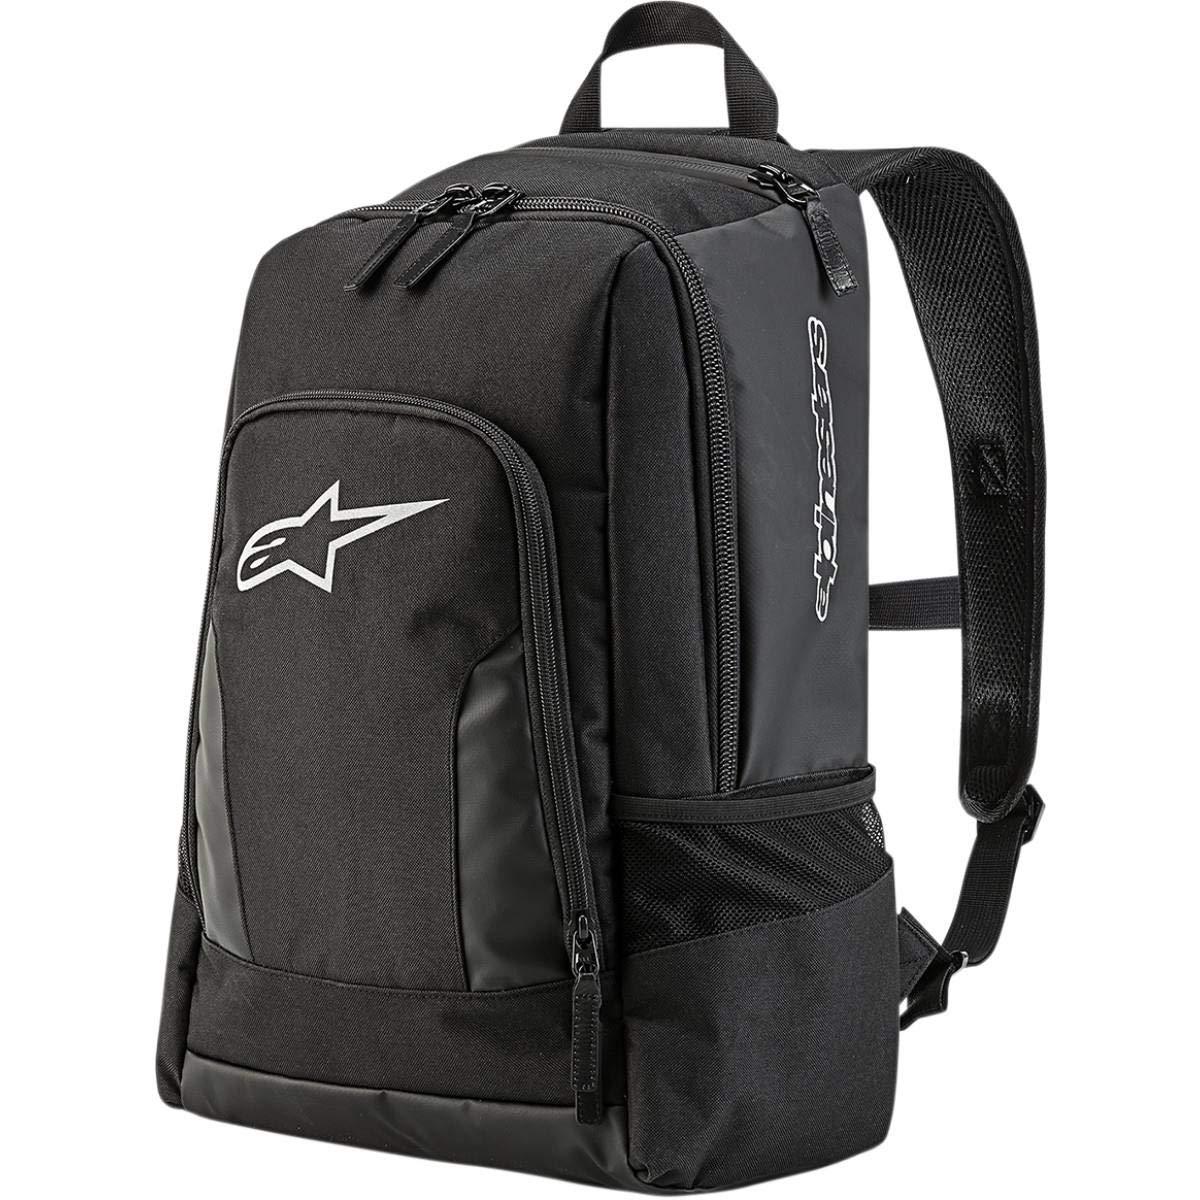 Alpinestars Herren Time Zone Backpack Backpack Backpack B07G5HD9YX Daypacks Neu 8d9f7d